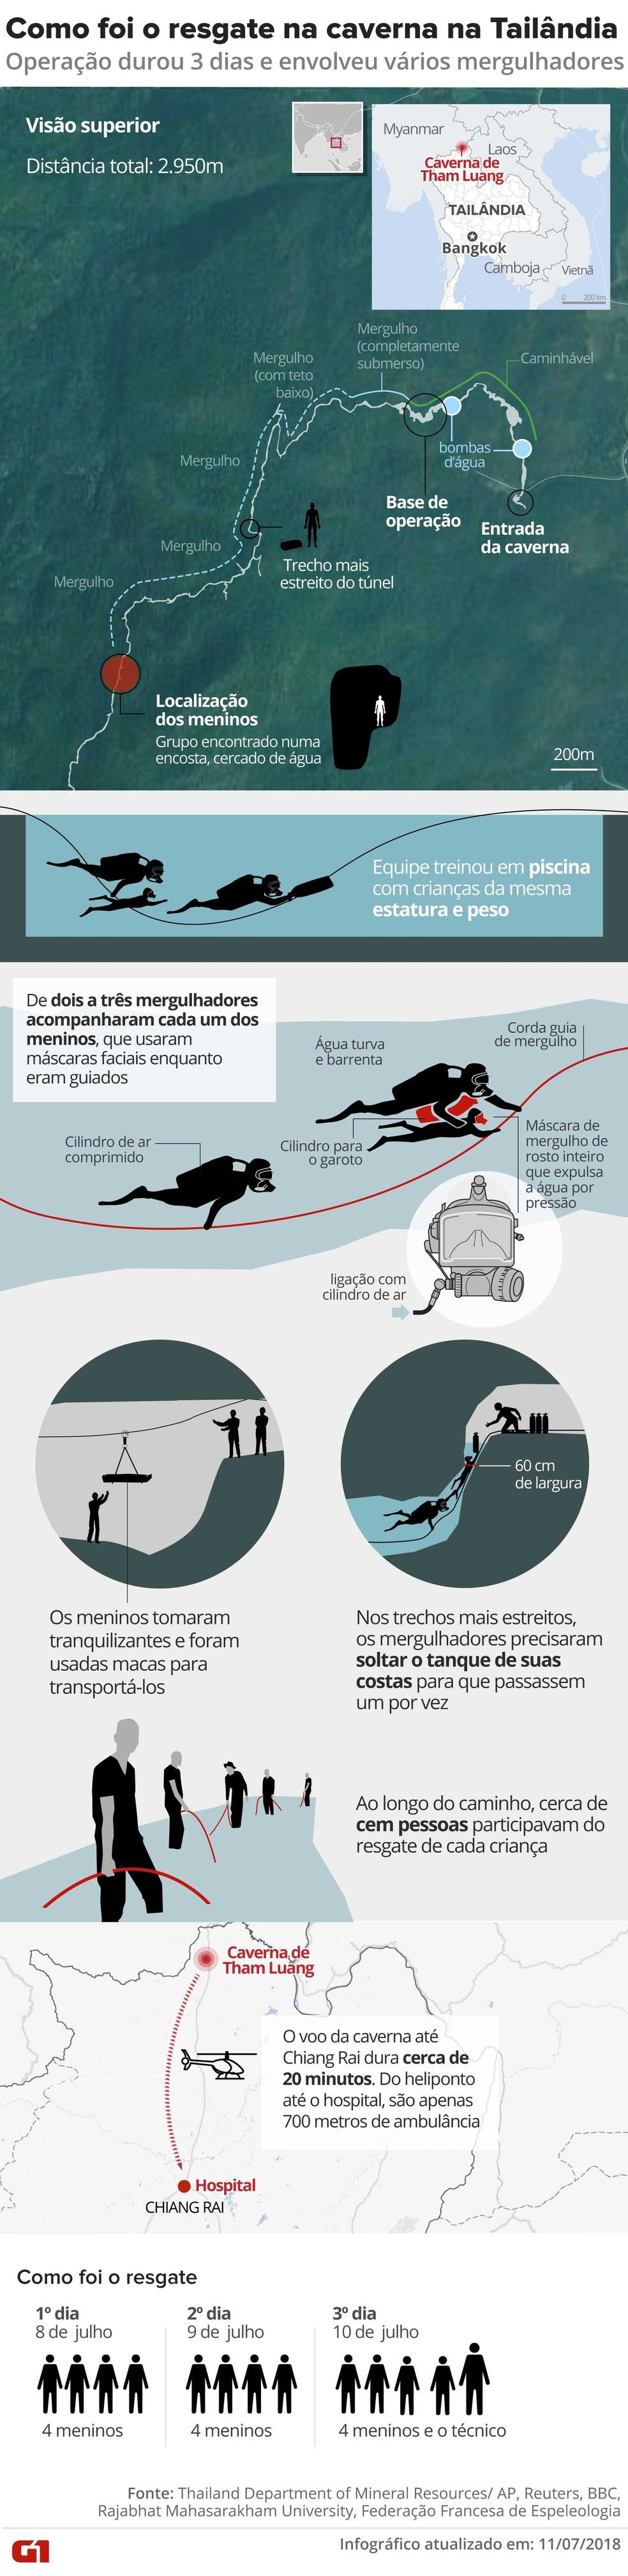 Infográfico mostra como foi o resgate dos meninos presos na caverna na tailândia (Foto: Infografia: Karina Almeida, Juliane Monteiro, Betta Jaworski, Alexandre Mauro/G1)